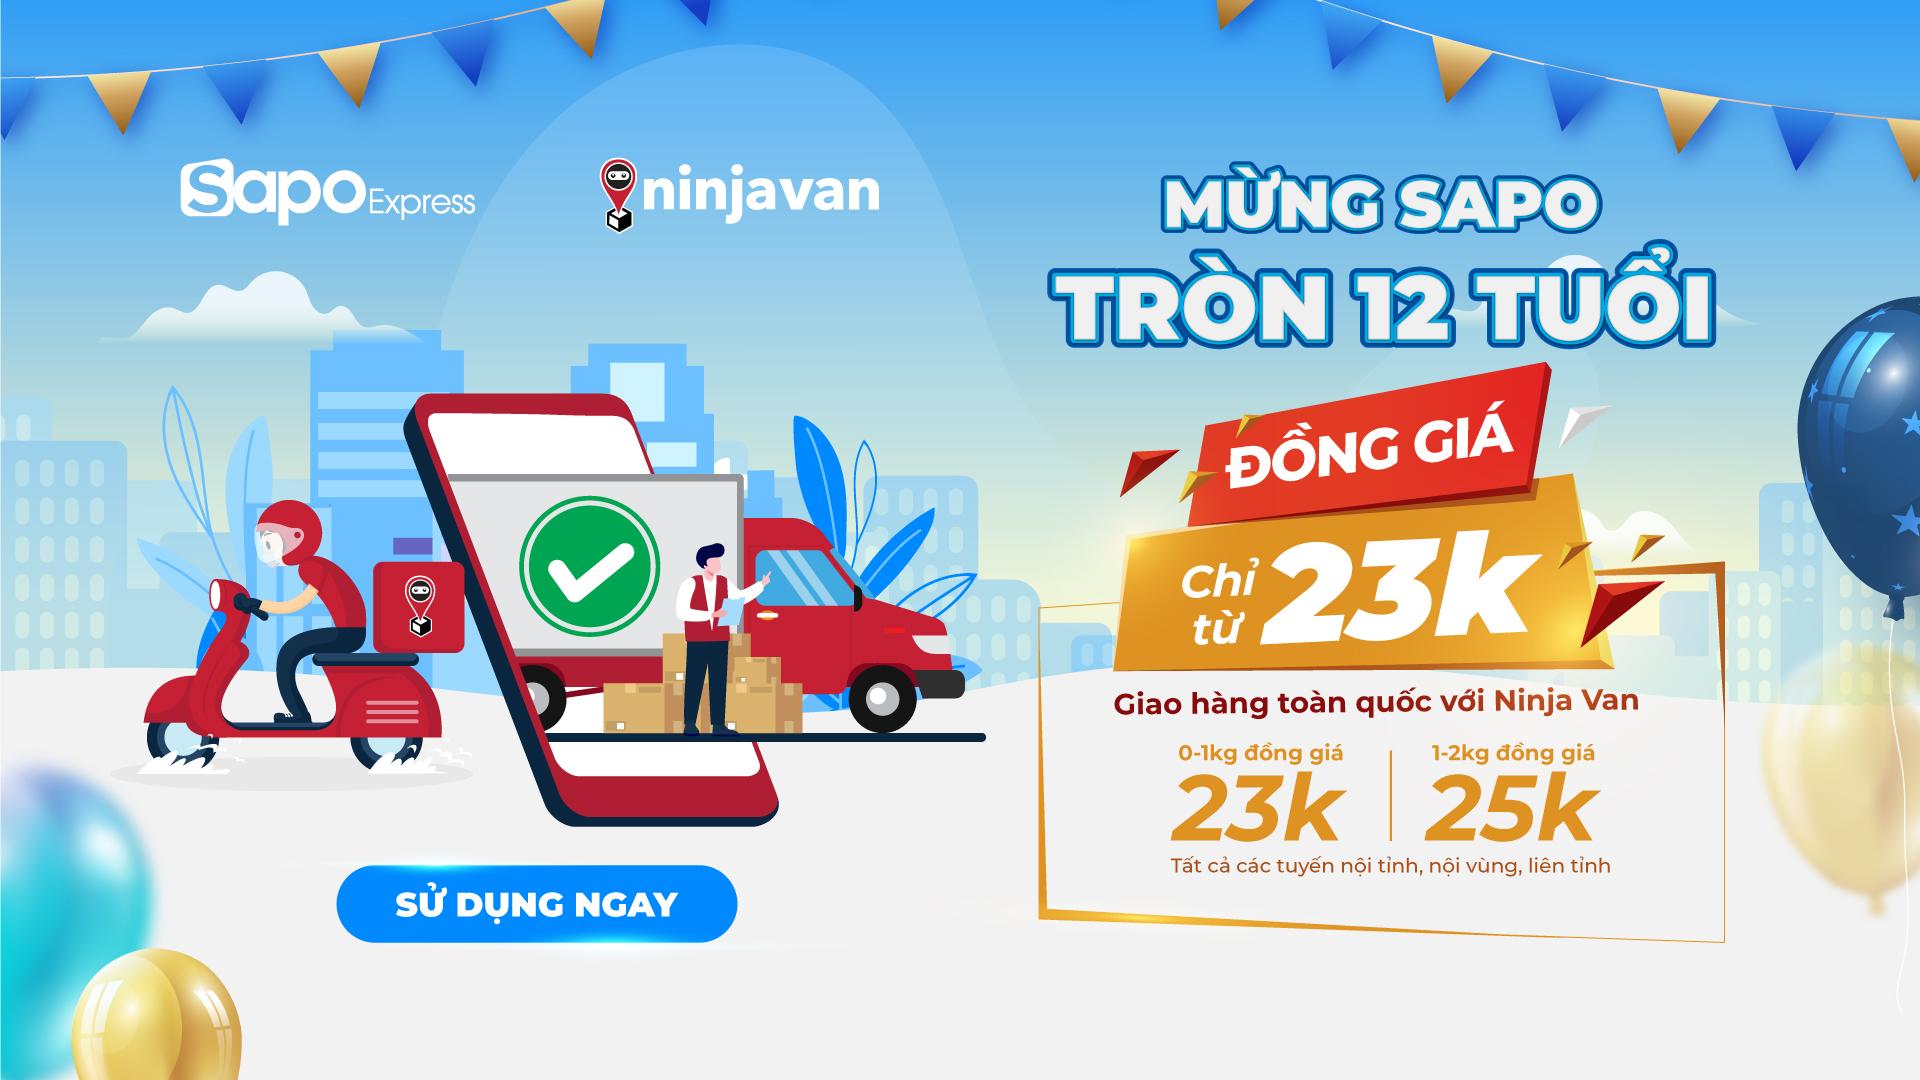 Mừng Sapo tròn 12 tuổi: Đồng giá chỉ từ 23k giao hàng toàn quốc với Ninja Van